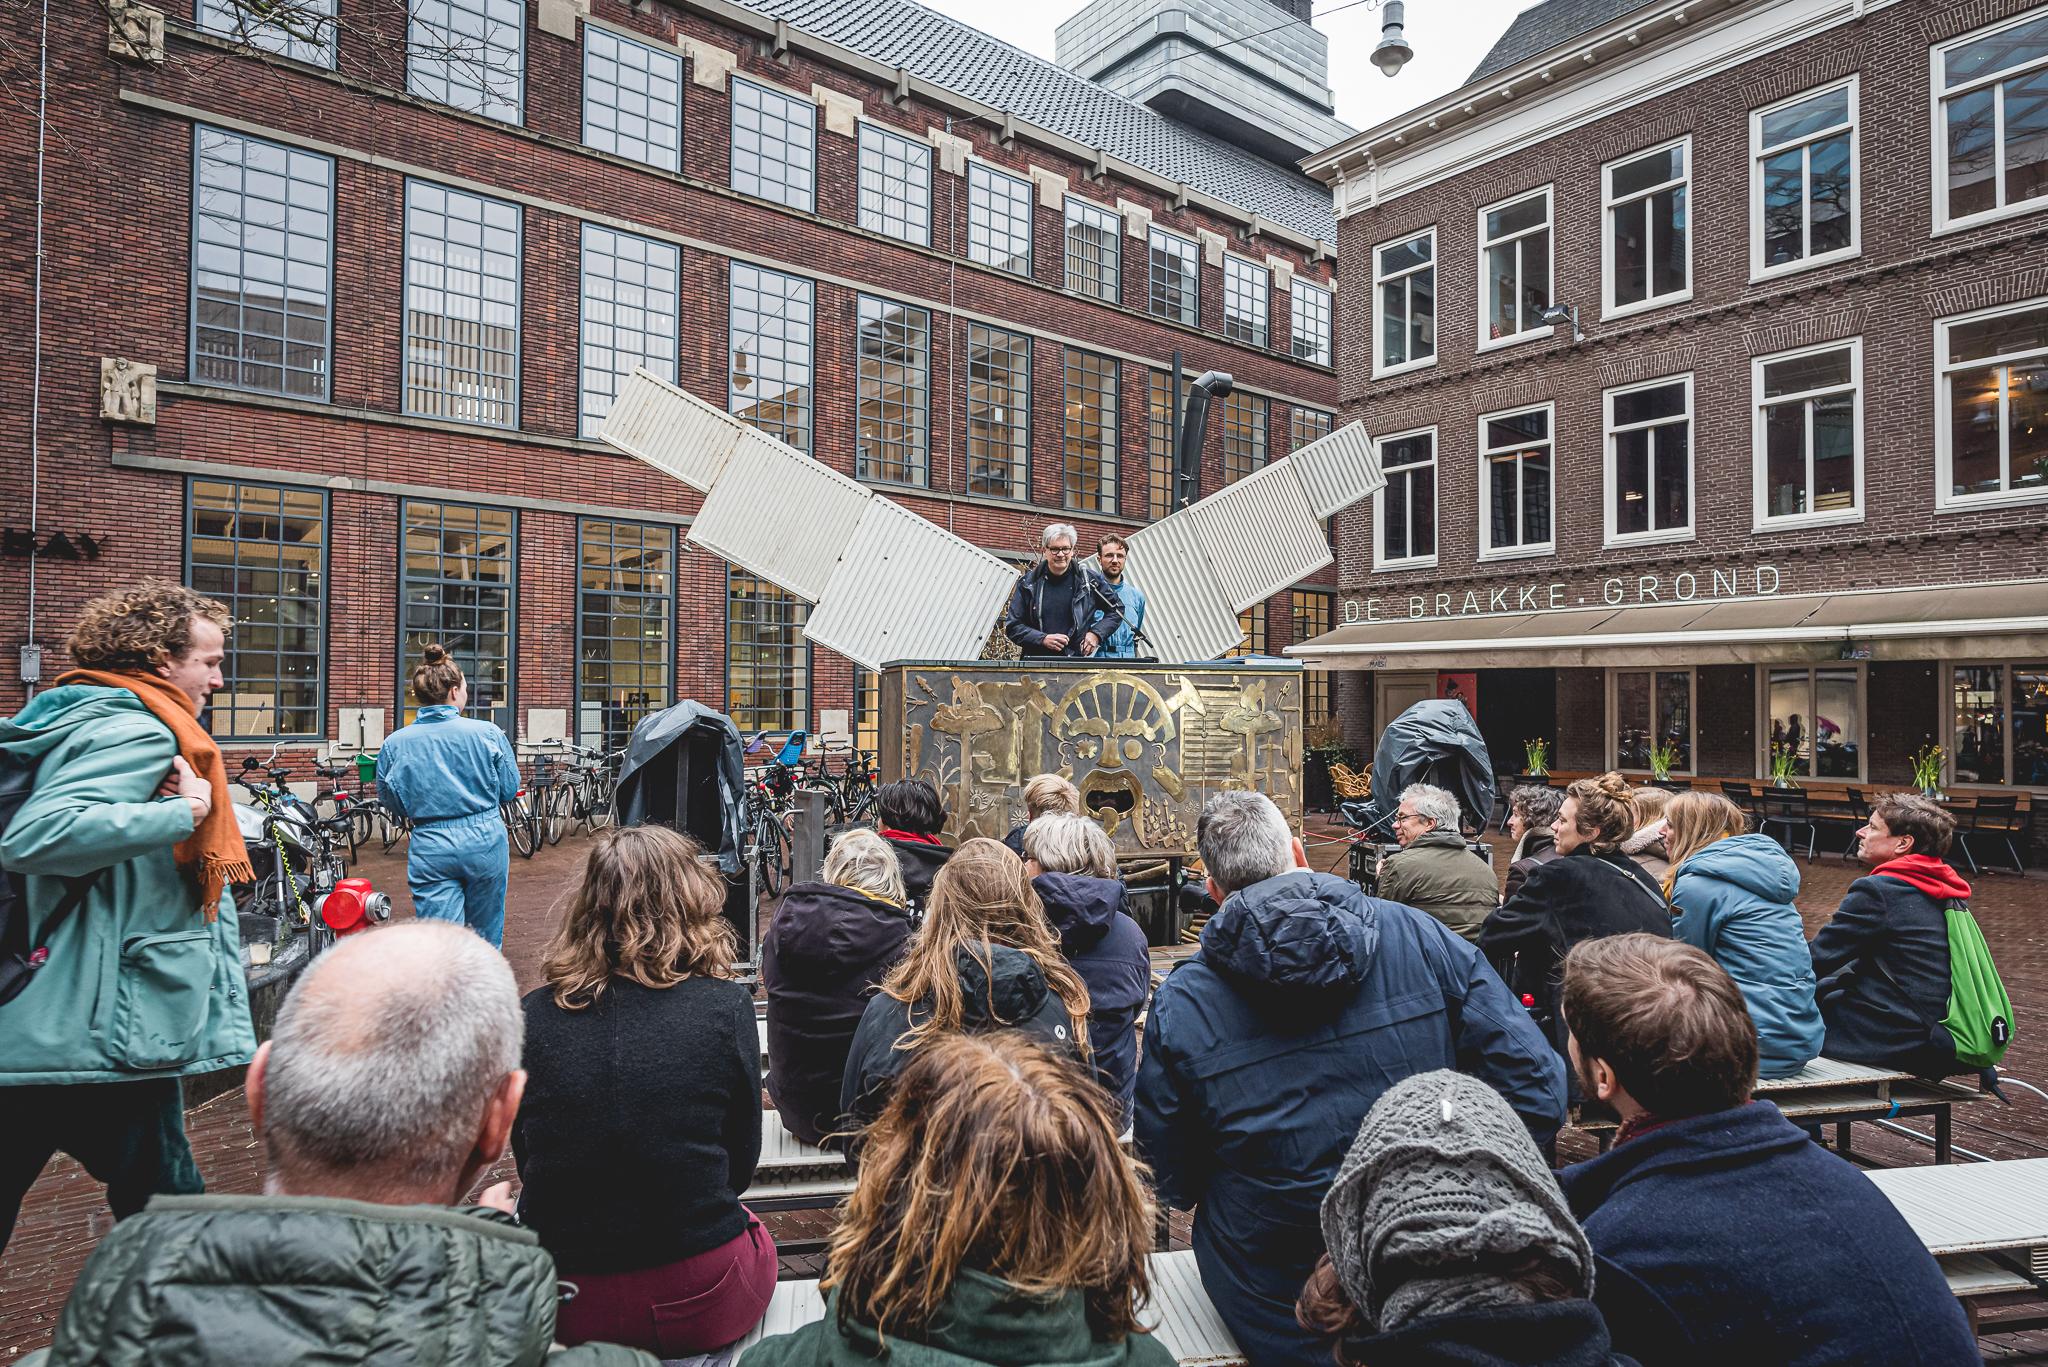 Van een idee naar een huis en terug: 40 jaar de Brakke Grond in Amsterdam